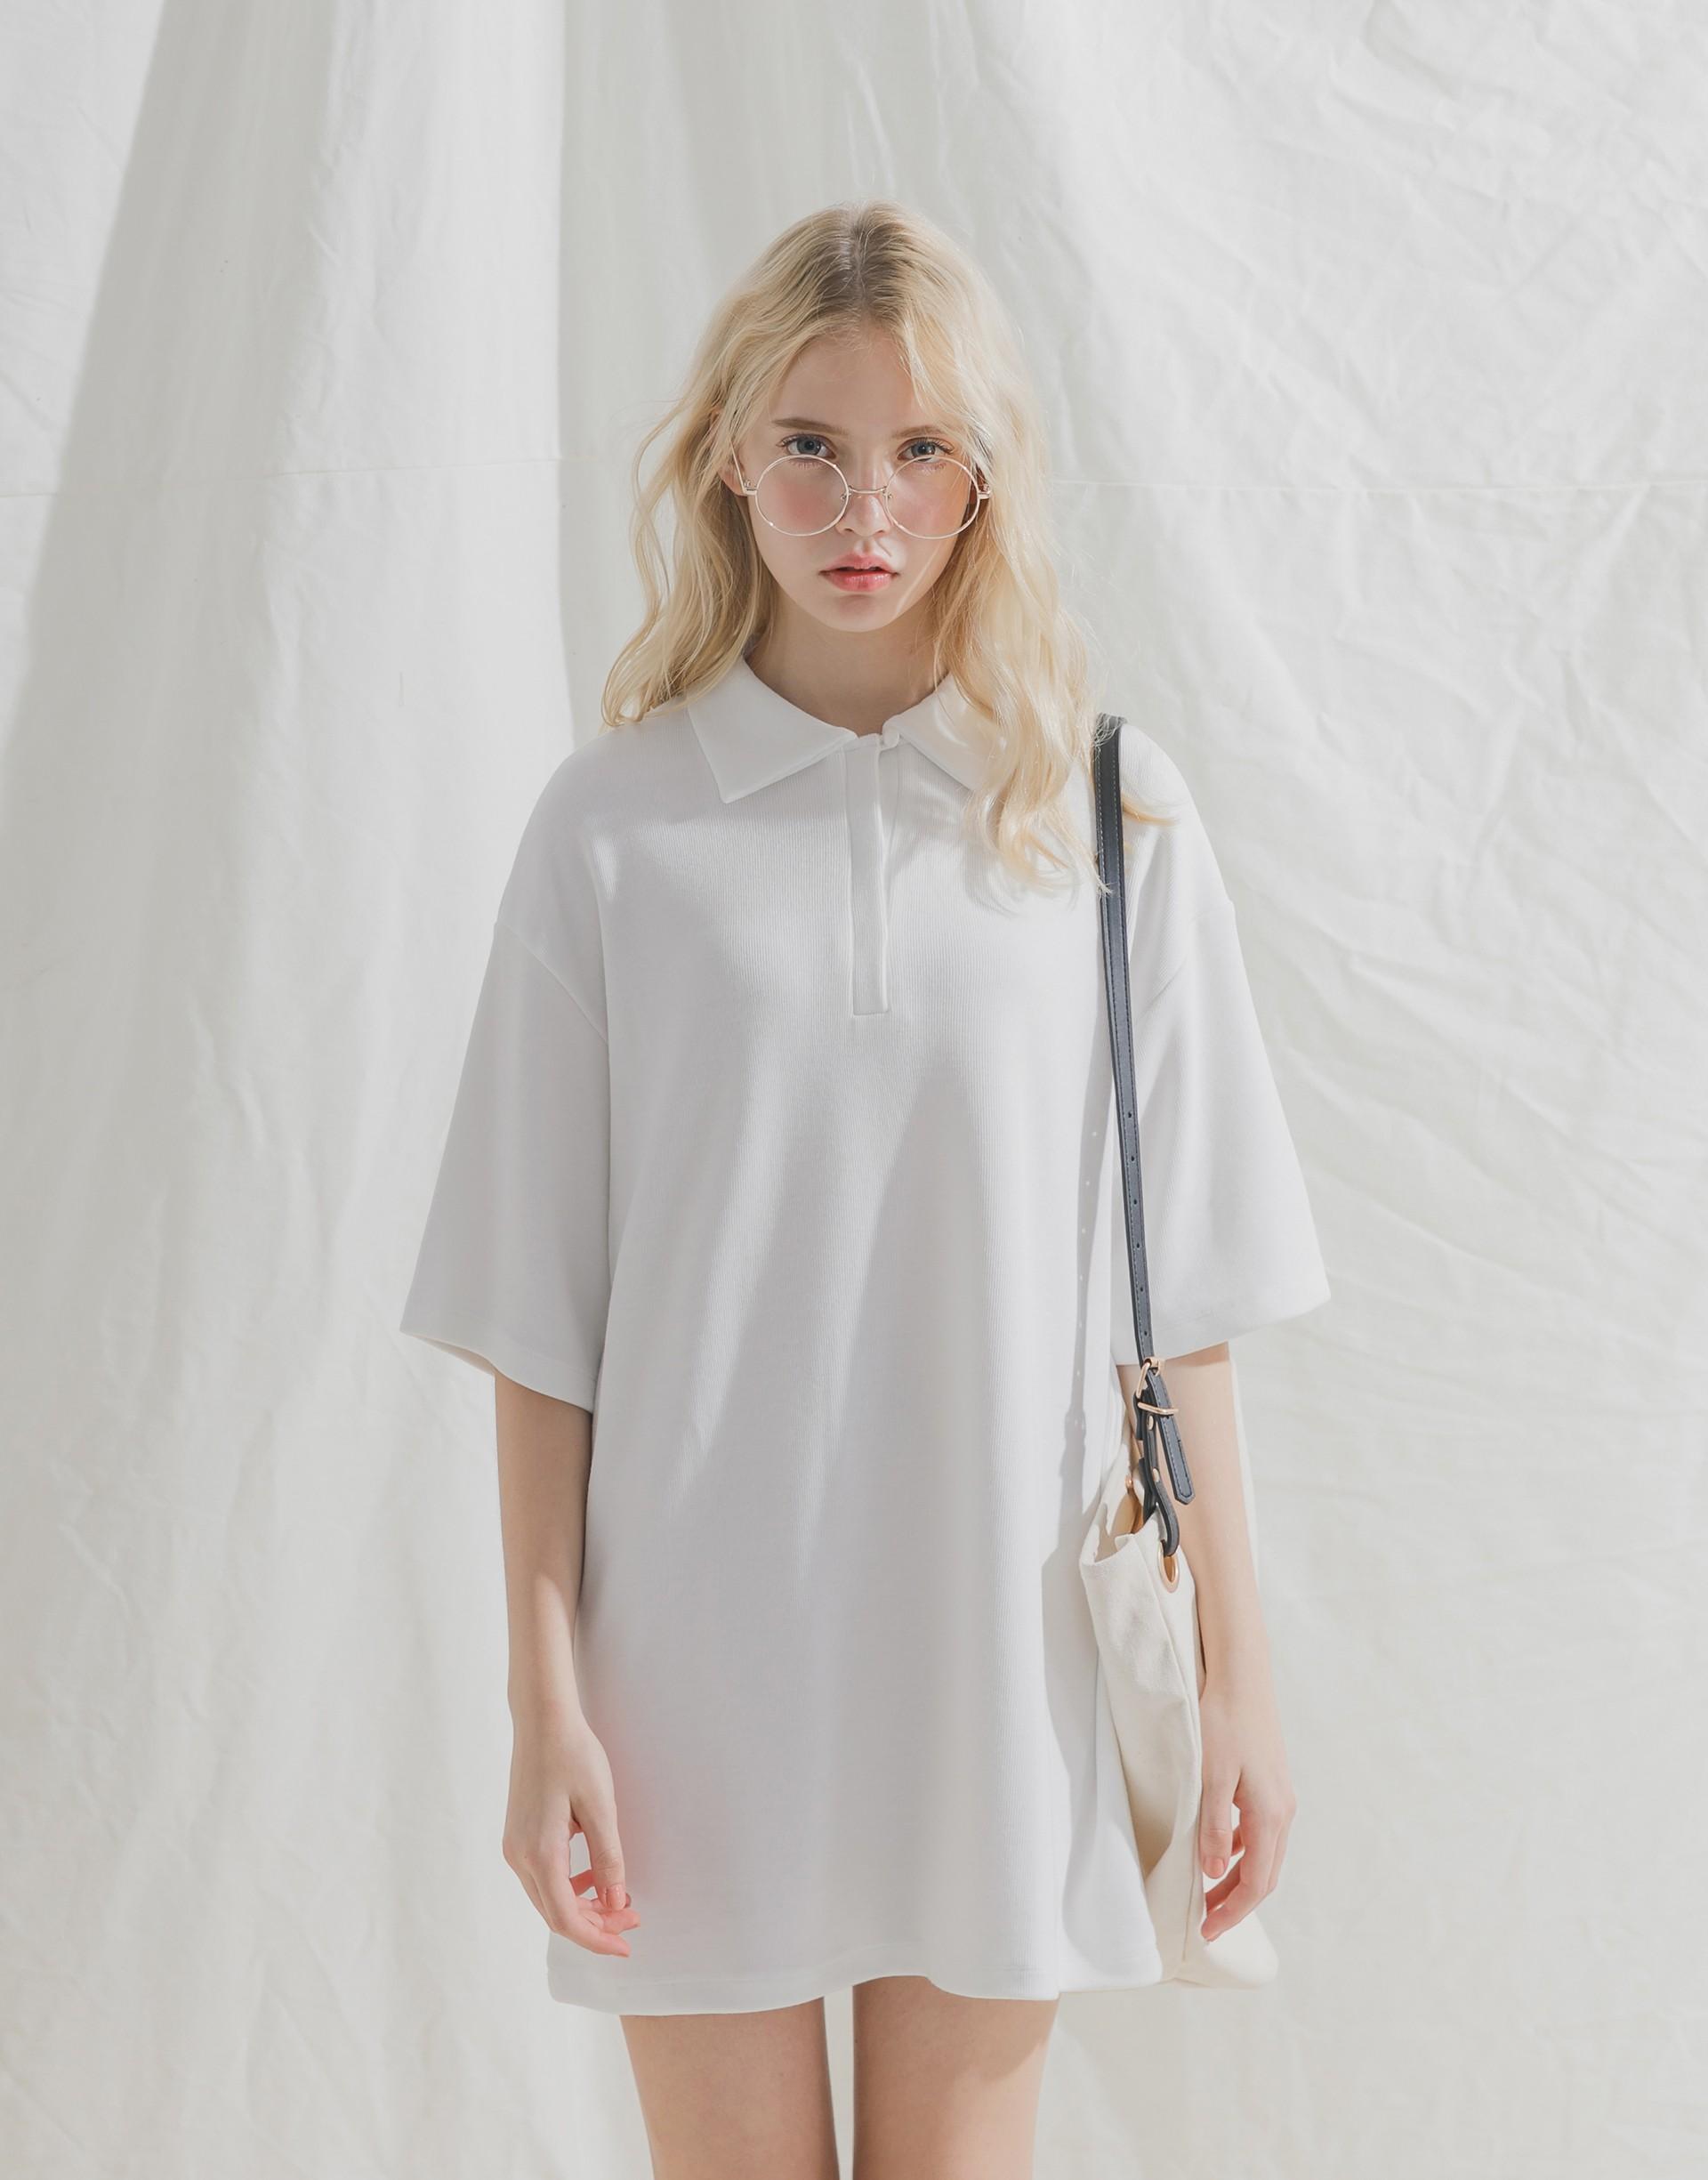 台灣製造/PAZZO自訂開發布料/親膚柔棉/領口釦子可開/無內裡